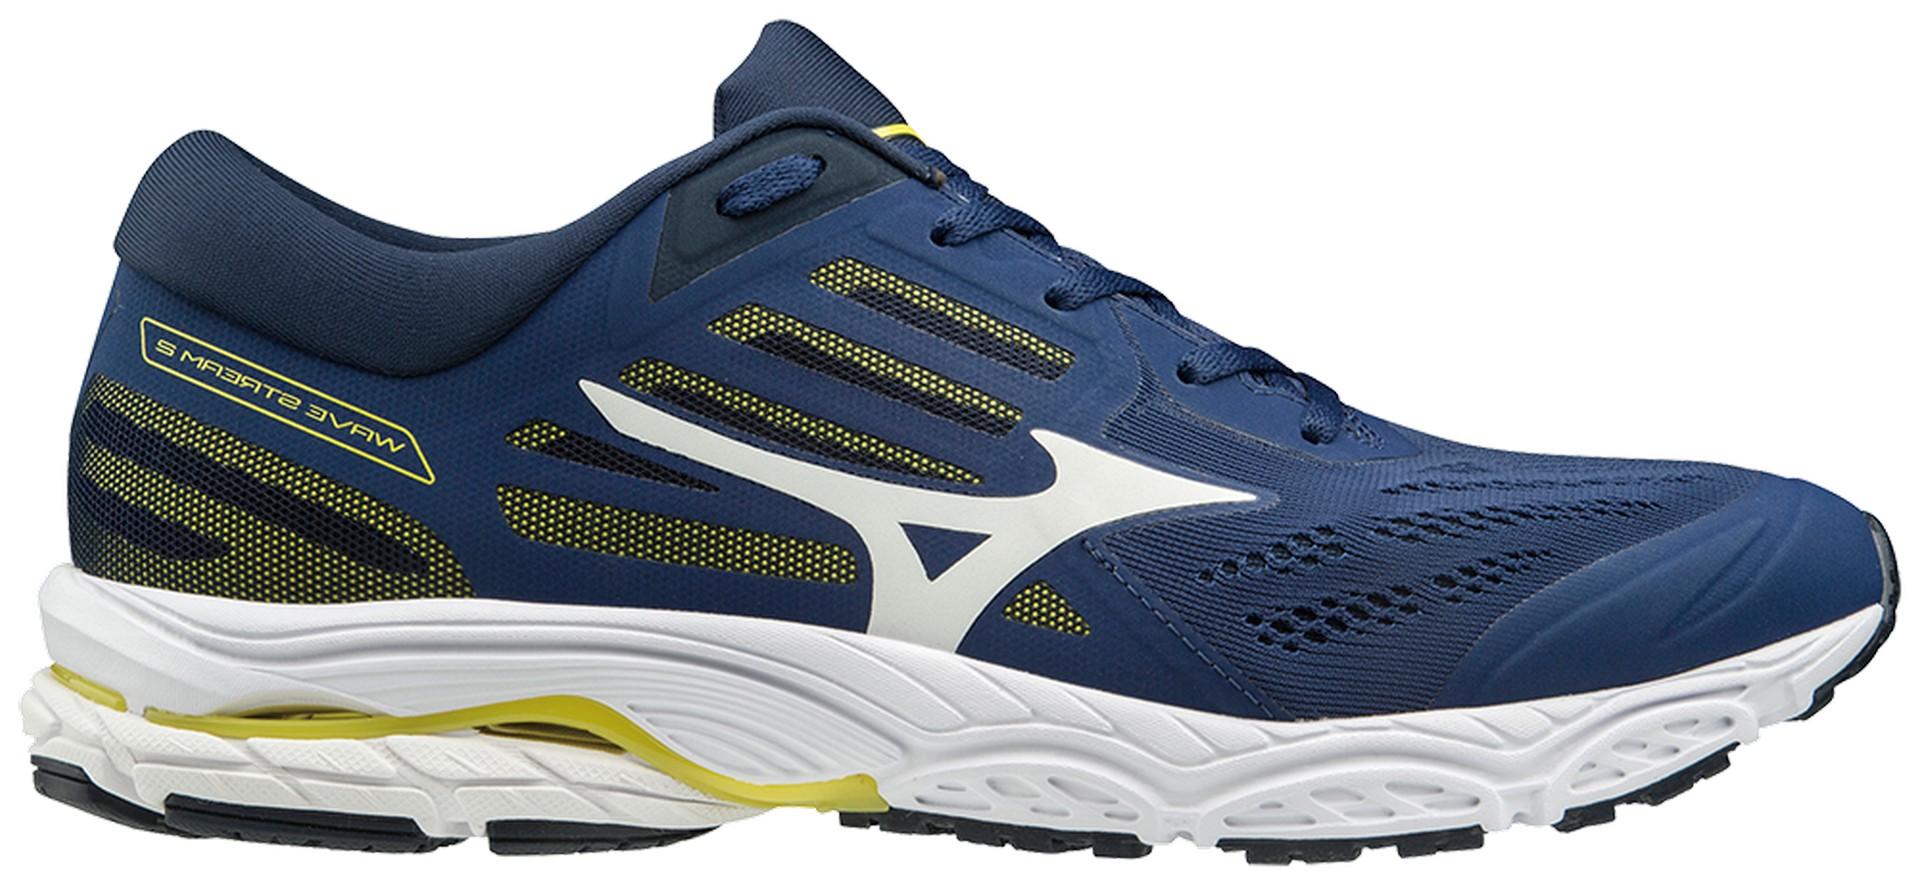 Mizuno WAVE STREAM 2, muške tenisice za trčanje, plava